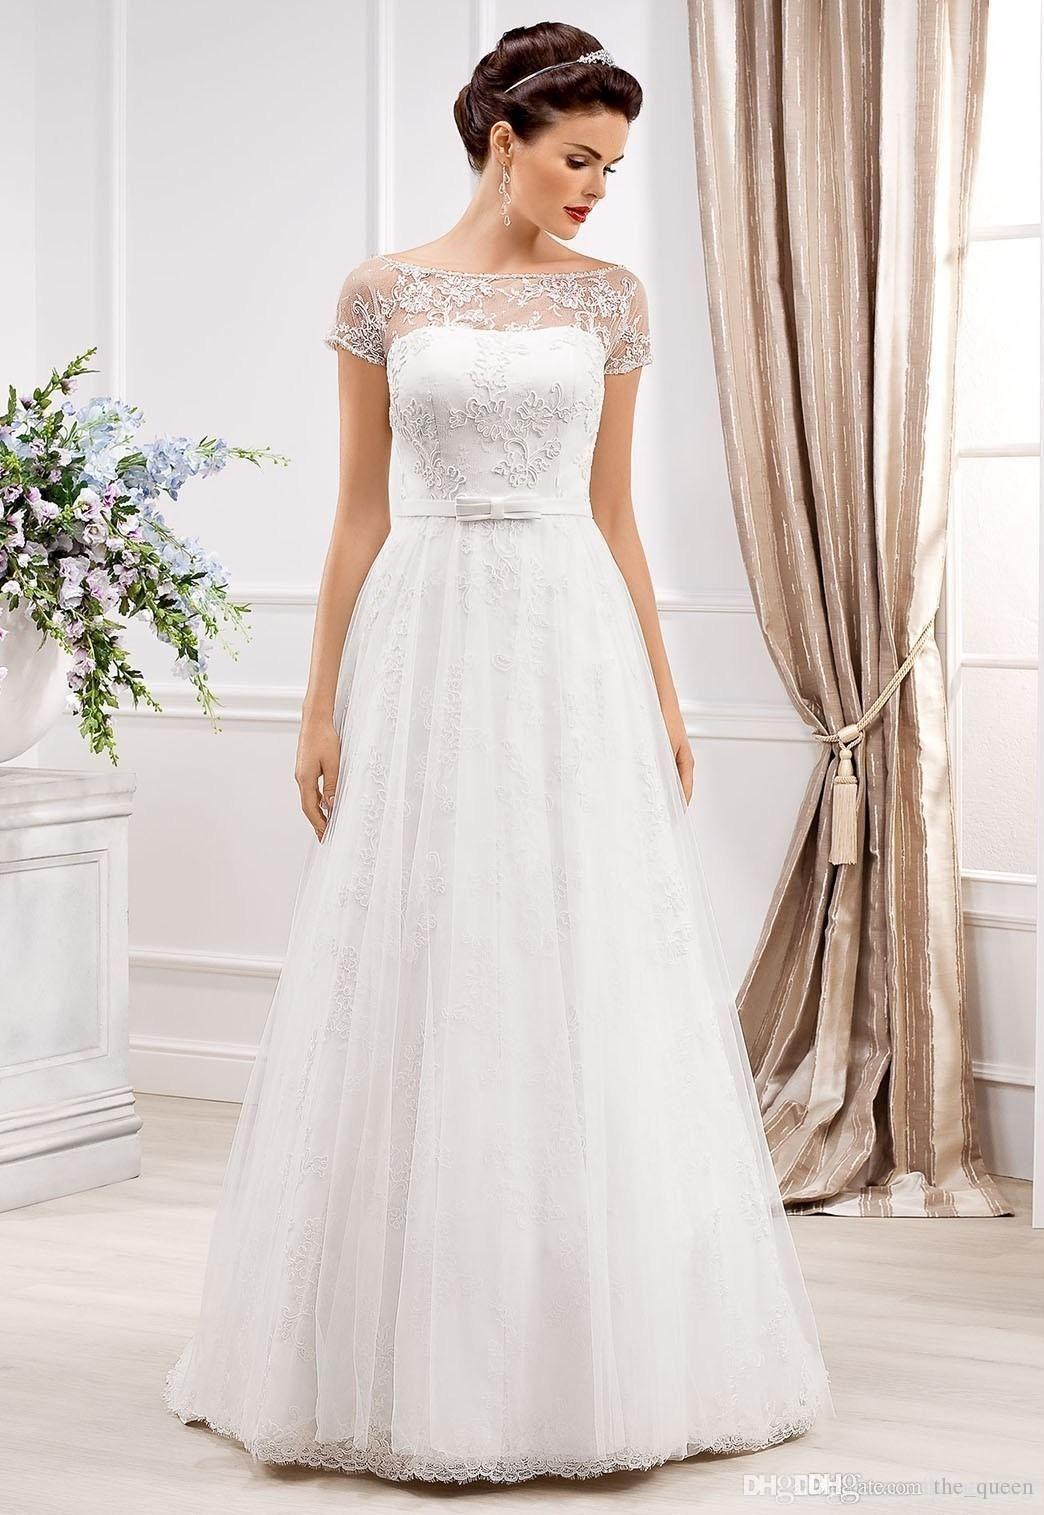 Perfect Wedding Dress T Shirt Ideas : Retro A Line Wedding Dresses ...